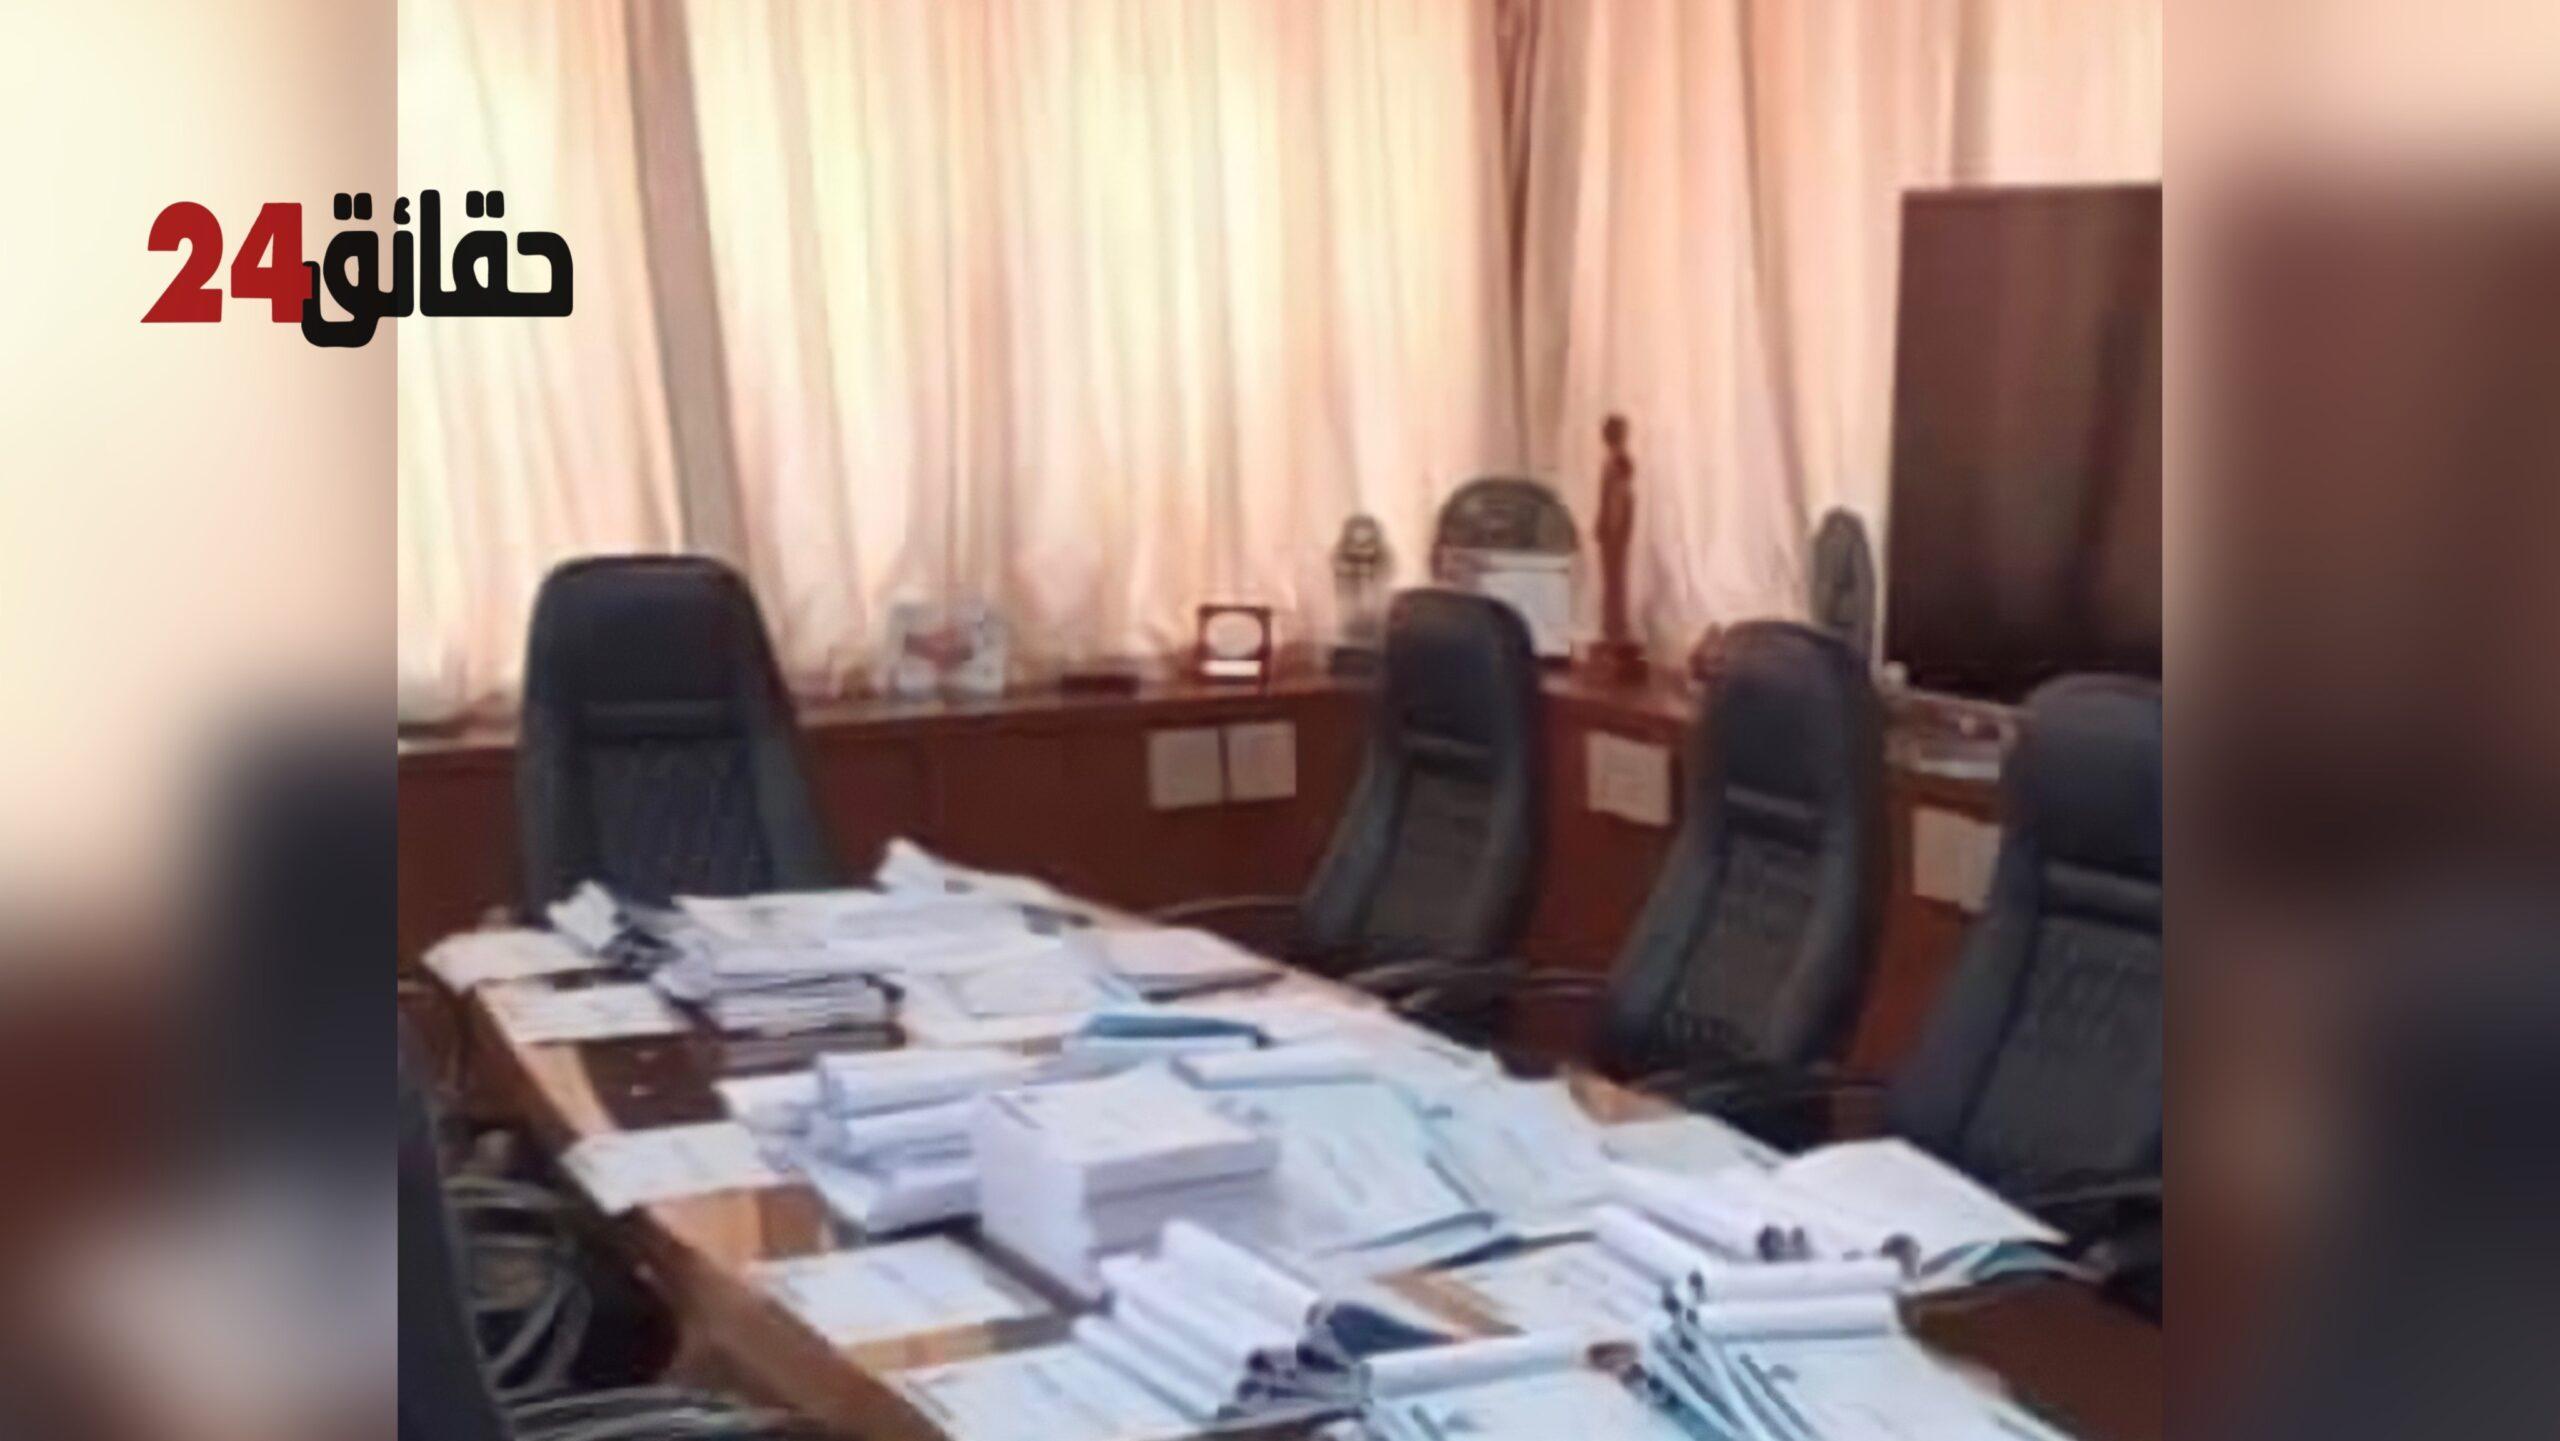 صورة المالوكي يوقع محاضر تسليم السلط ليلا ويتحاشا لقاء أخنوش بعد هزيمة المصباح في عاصمة سوس